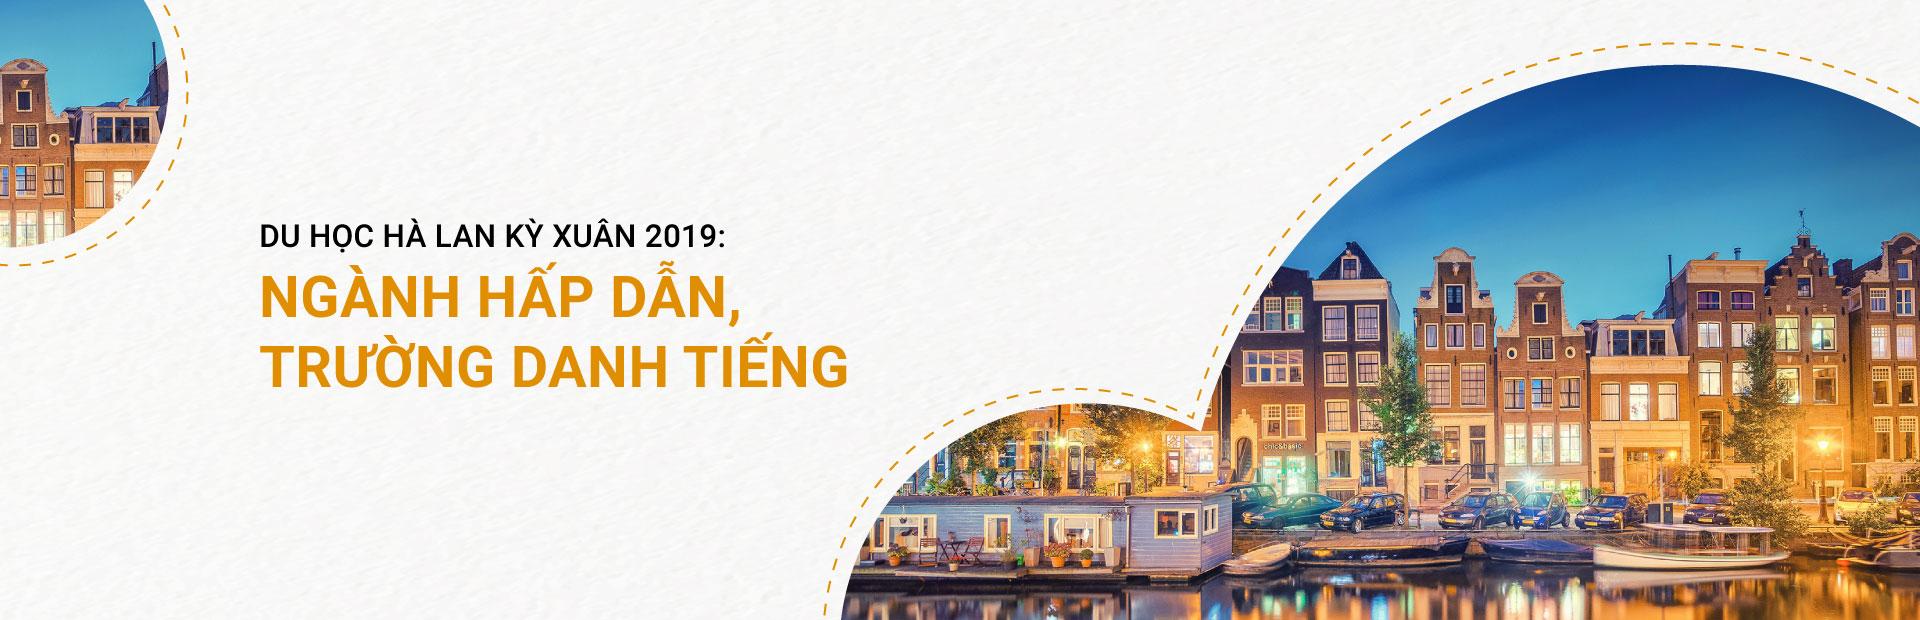 Banner Ha Lan Ky Xuan 2019